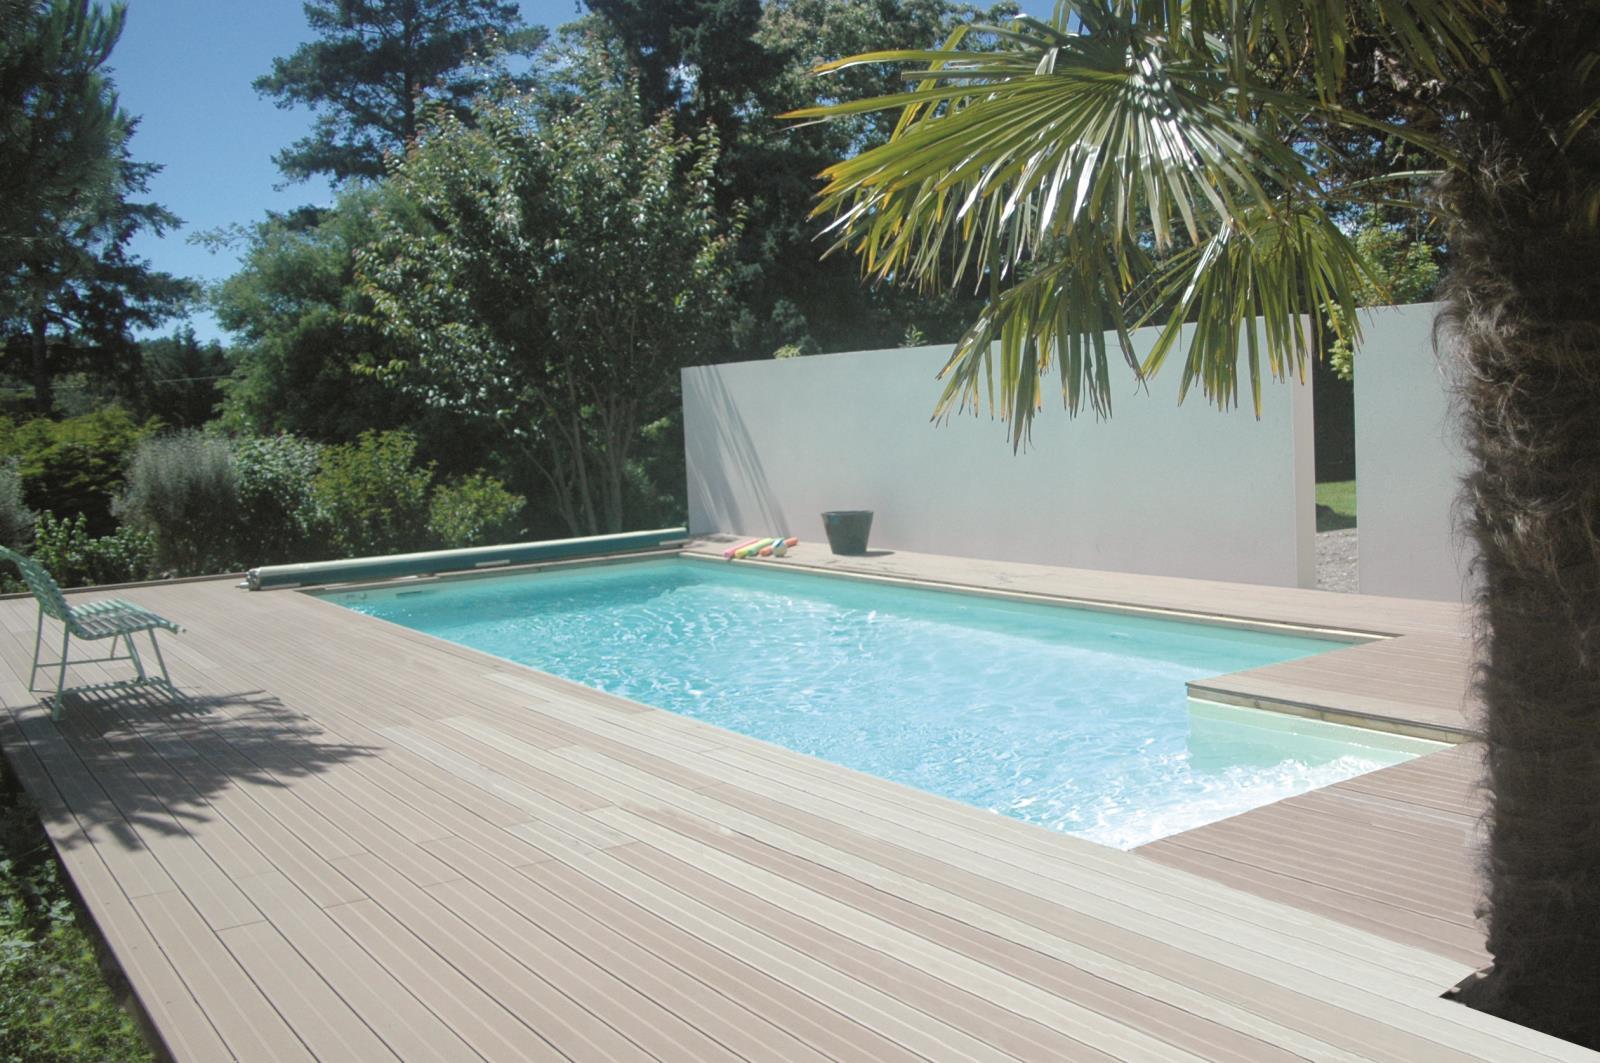 Zelf zwembad bouwen met 15 jaar ervaring for Zelf zwembad bouwen betonblokken